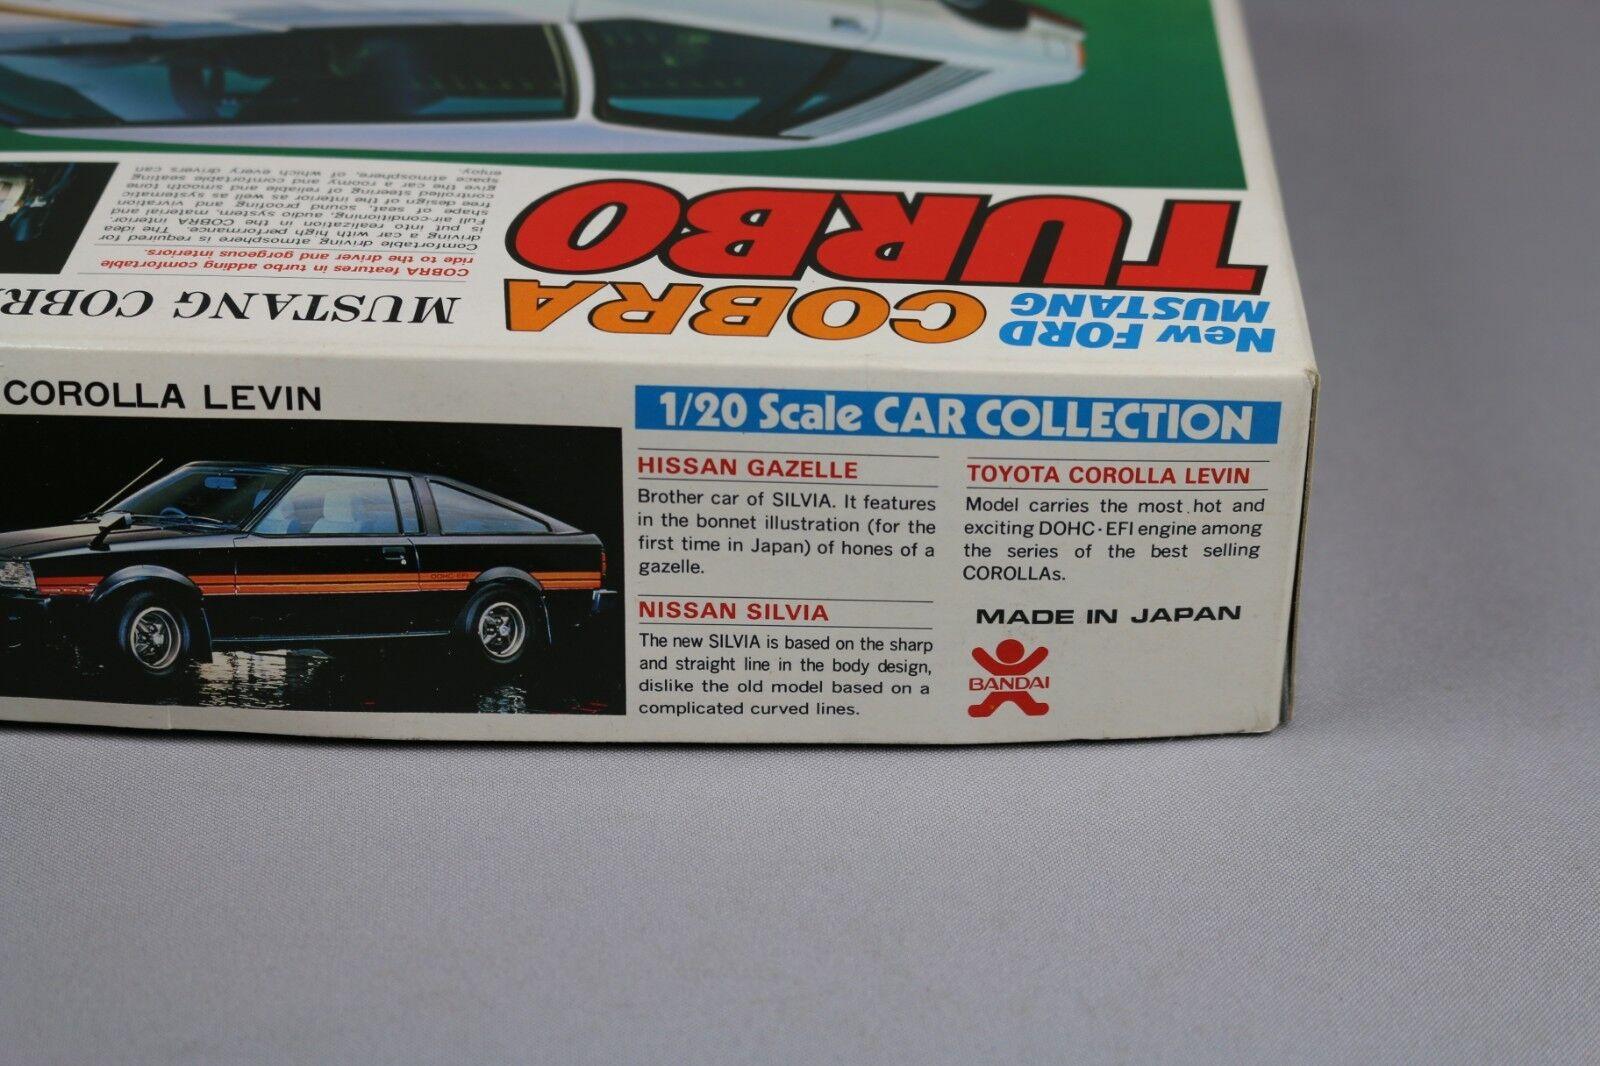 Zf1328 Bandai 1 20 Modell Auto Auto Auto 35253 Ford Mustang Cobra Turbo 97ade6